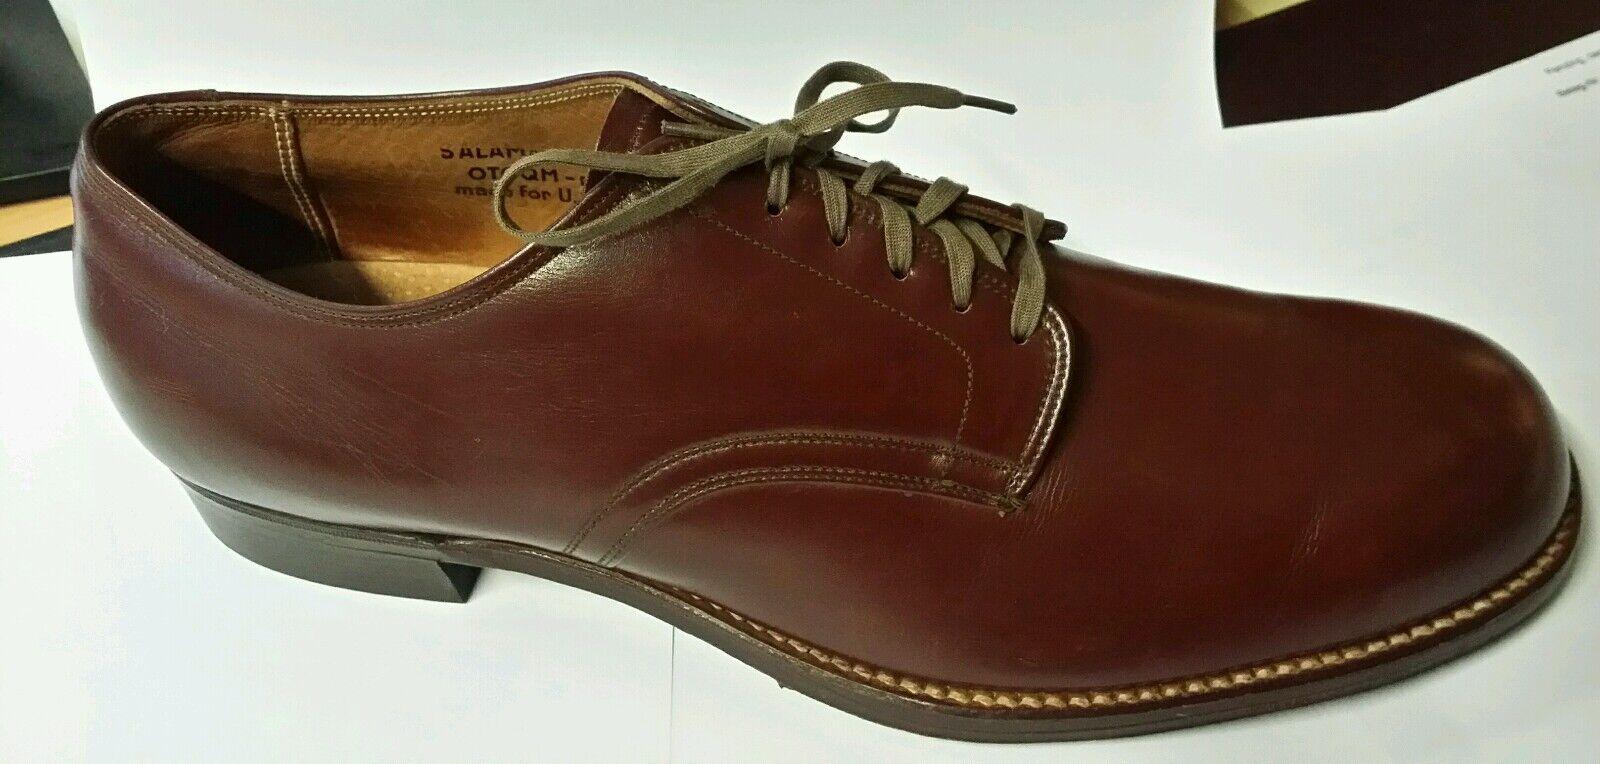 Salamander Paar Schuhe von 1946 - für die US Army hergestellt - wie NEU